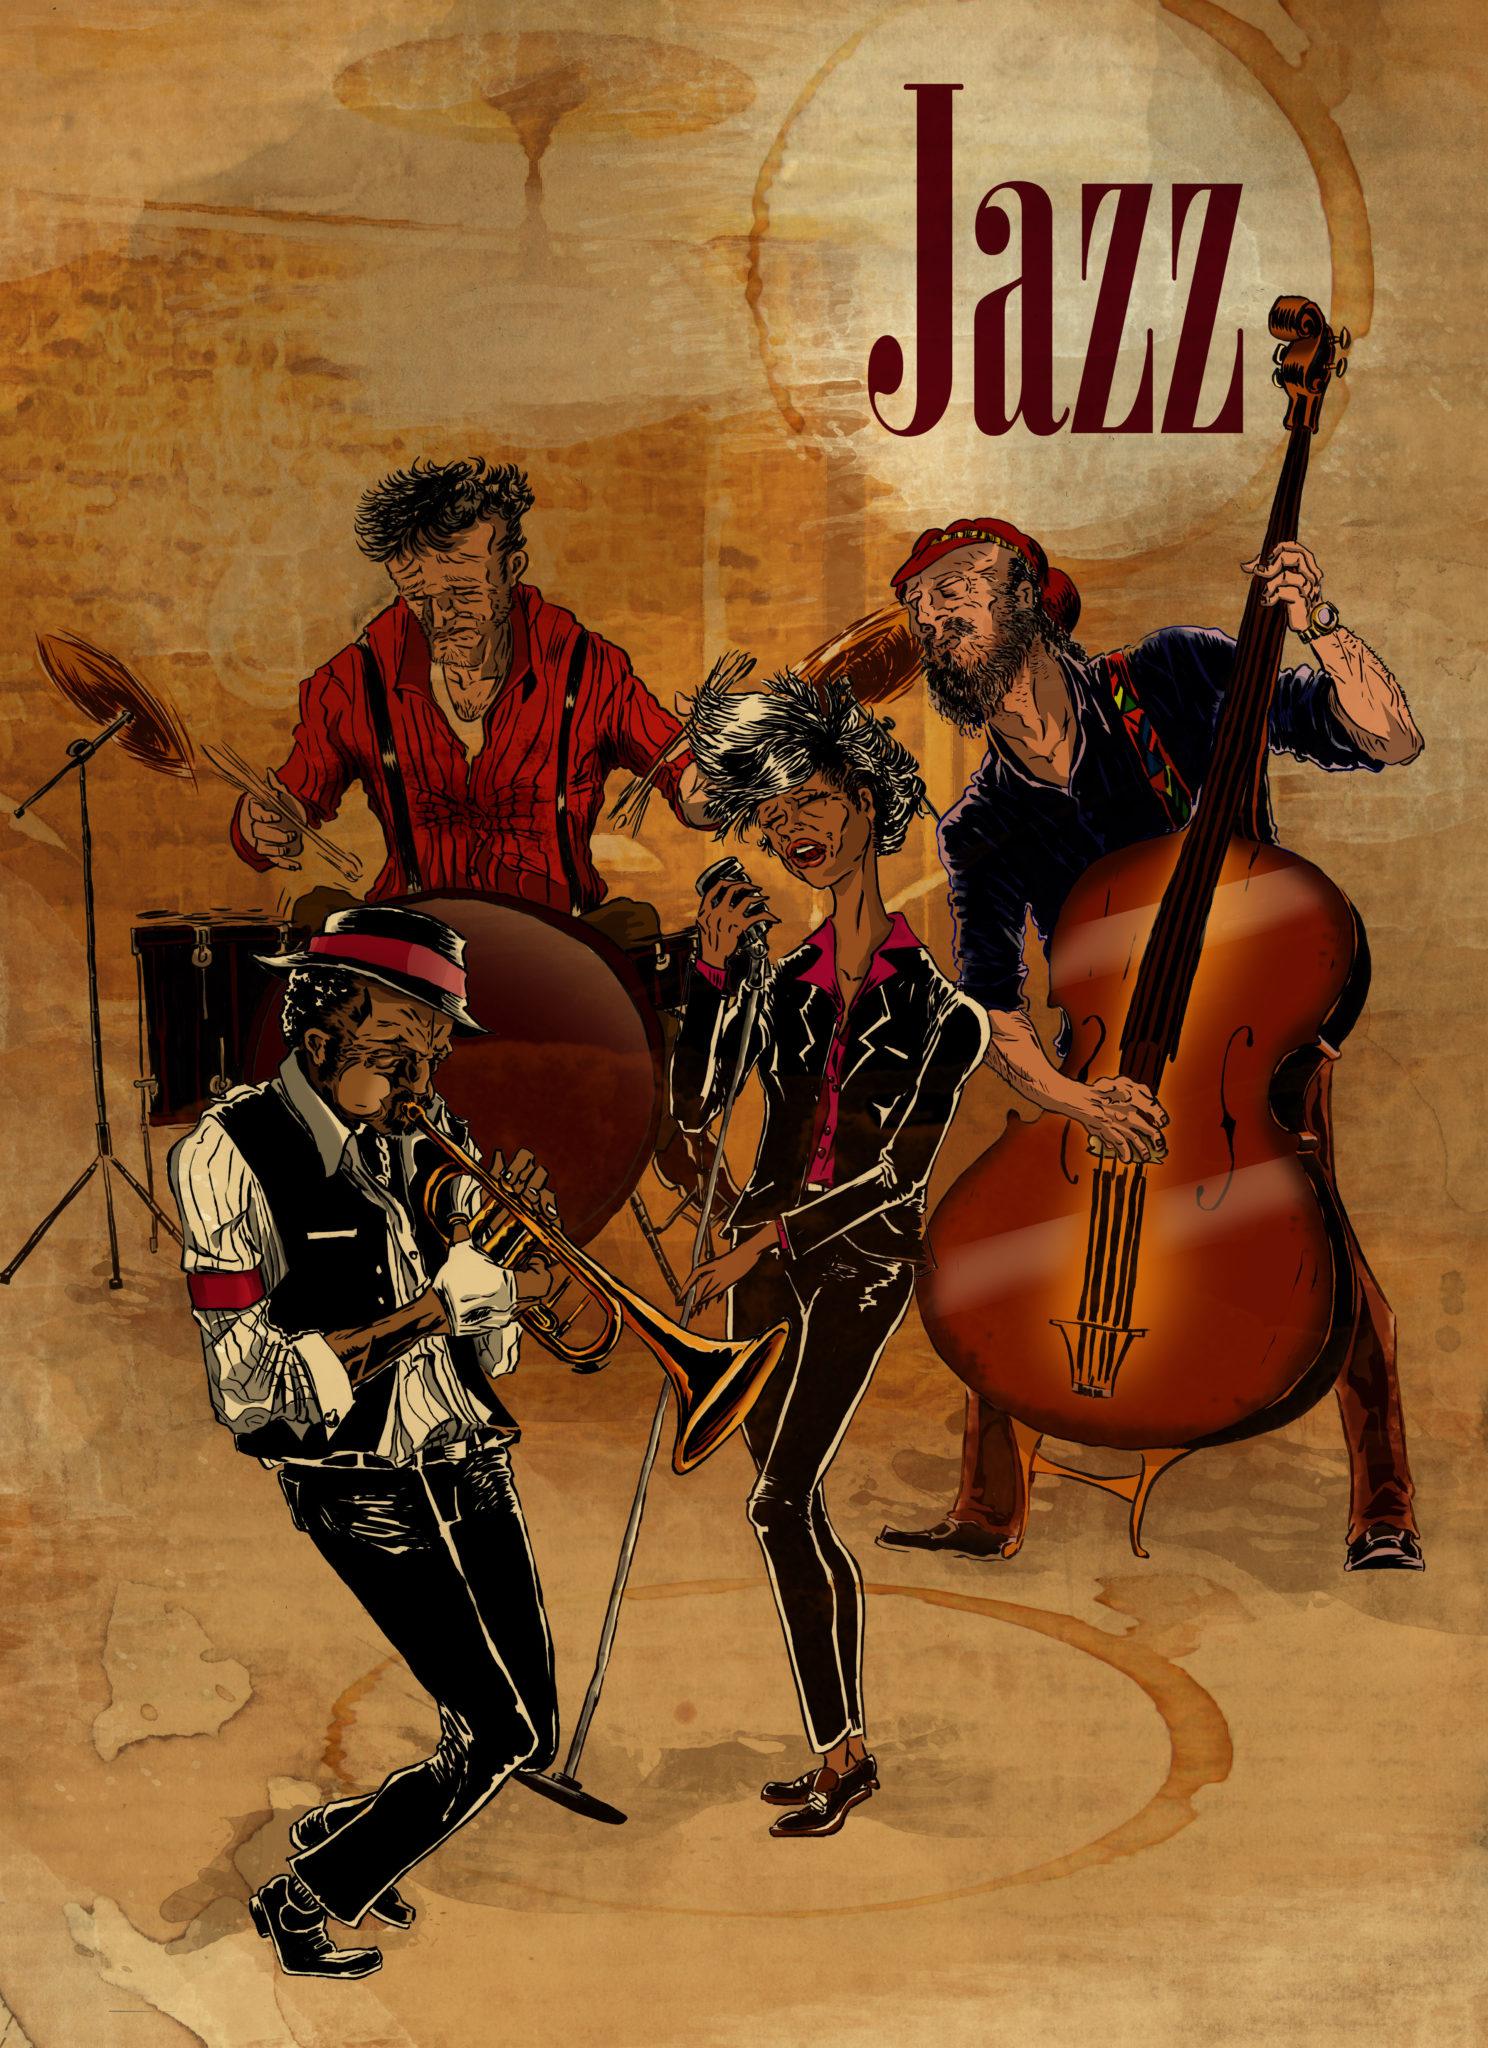 zespół jazzowy w Nowym Orleanie